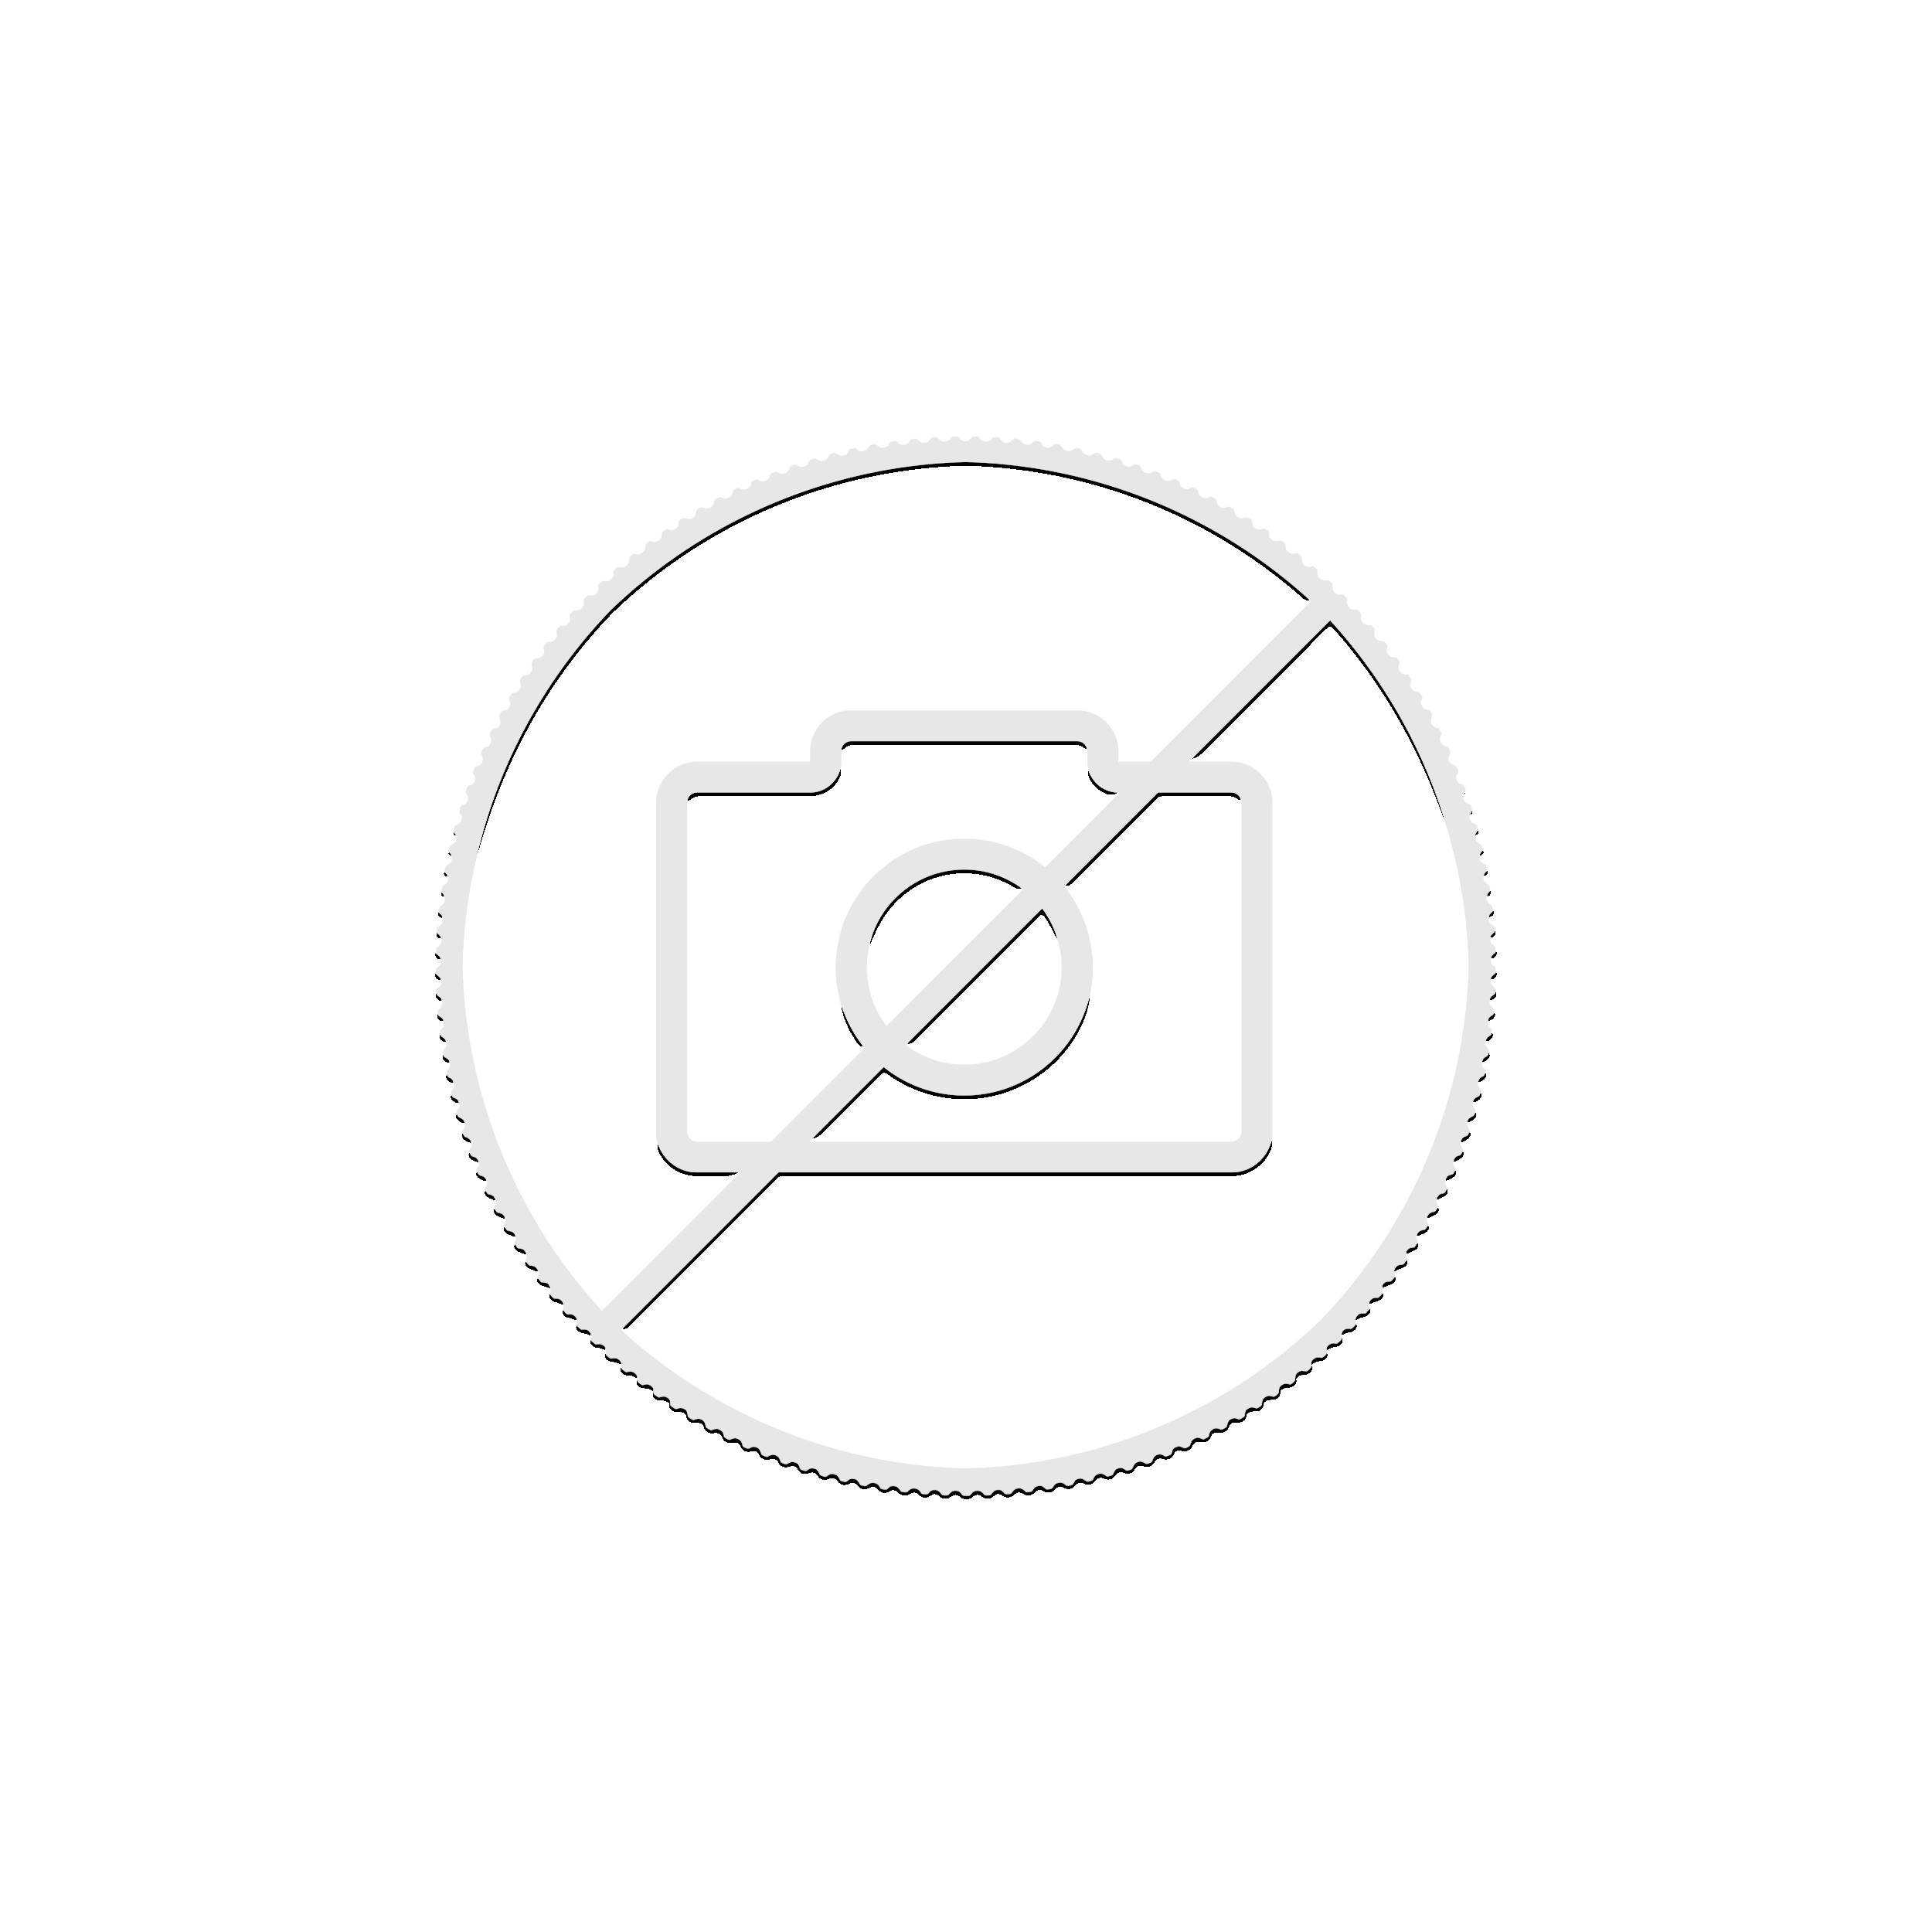 1/2 Troy ounce gold coin Lunar 2019